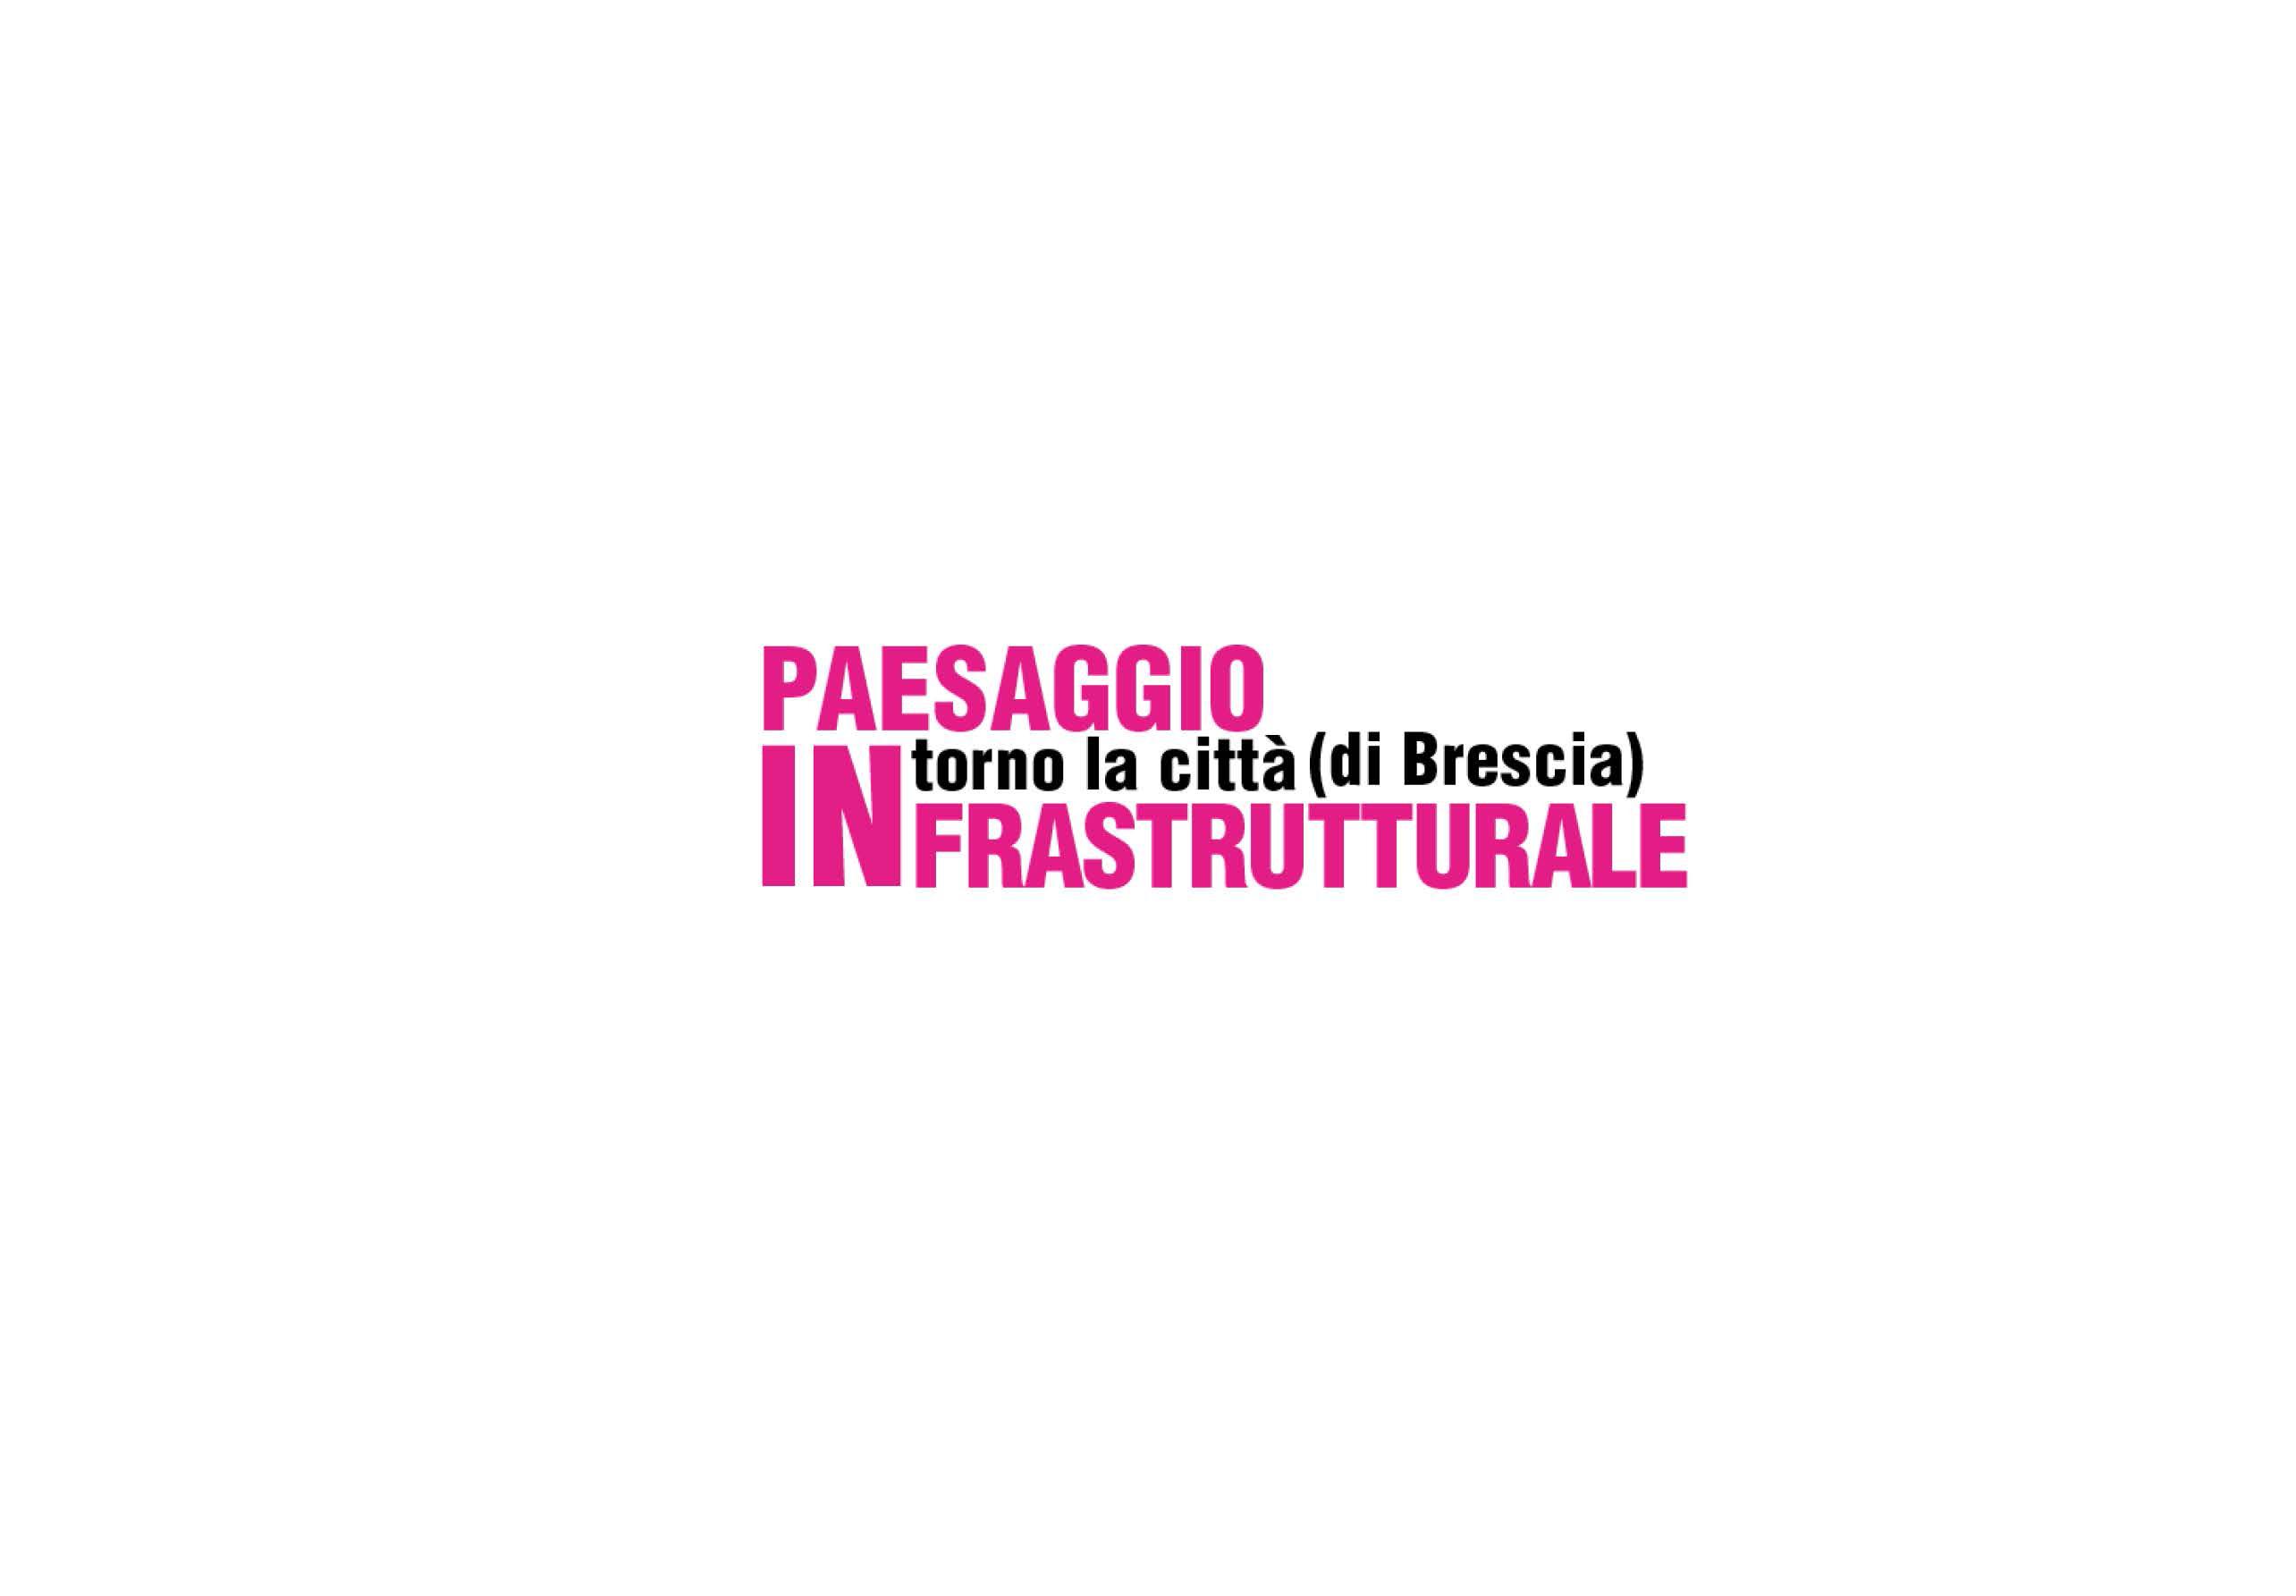 20180120_CREW_Conference_Paesaggi promozione salvaguardia patrimonio italiano